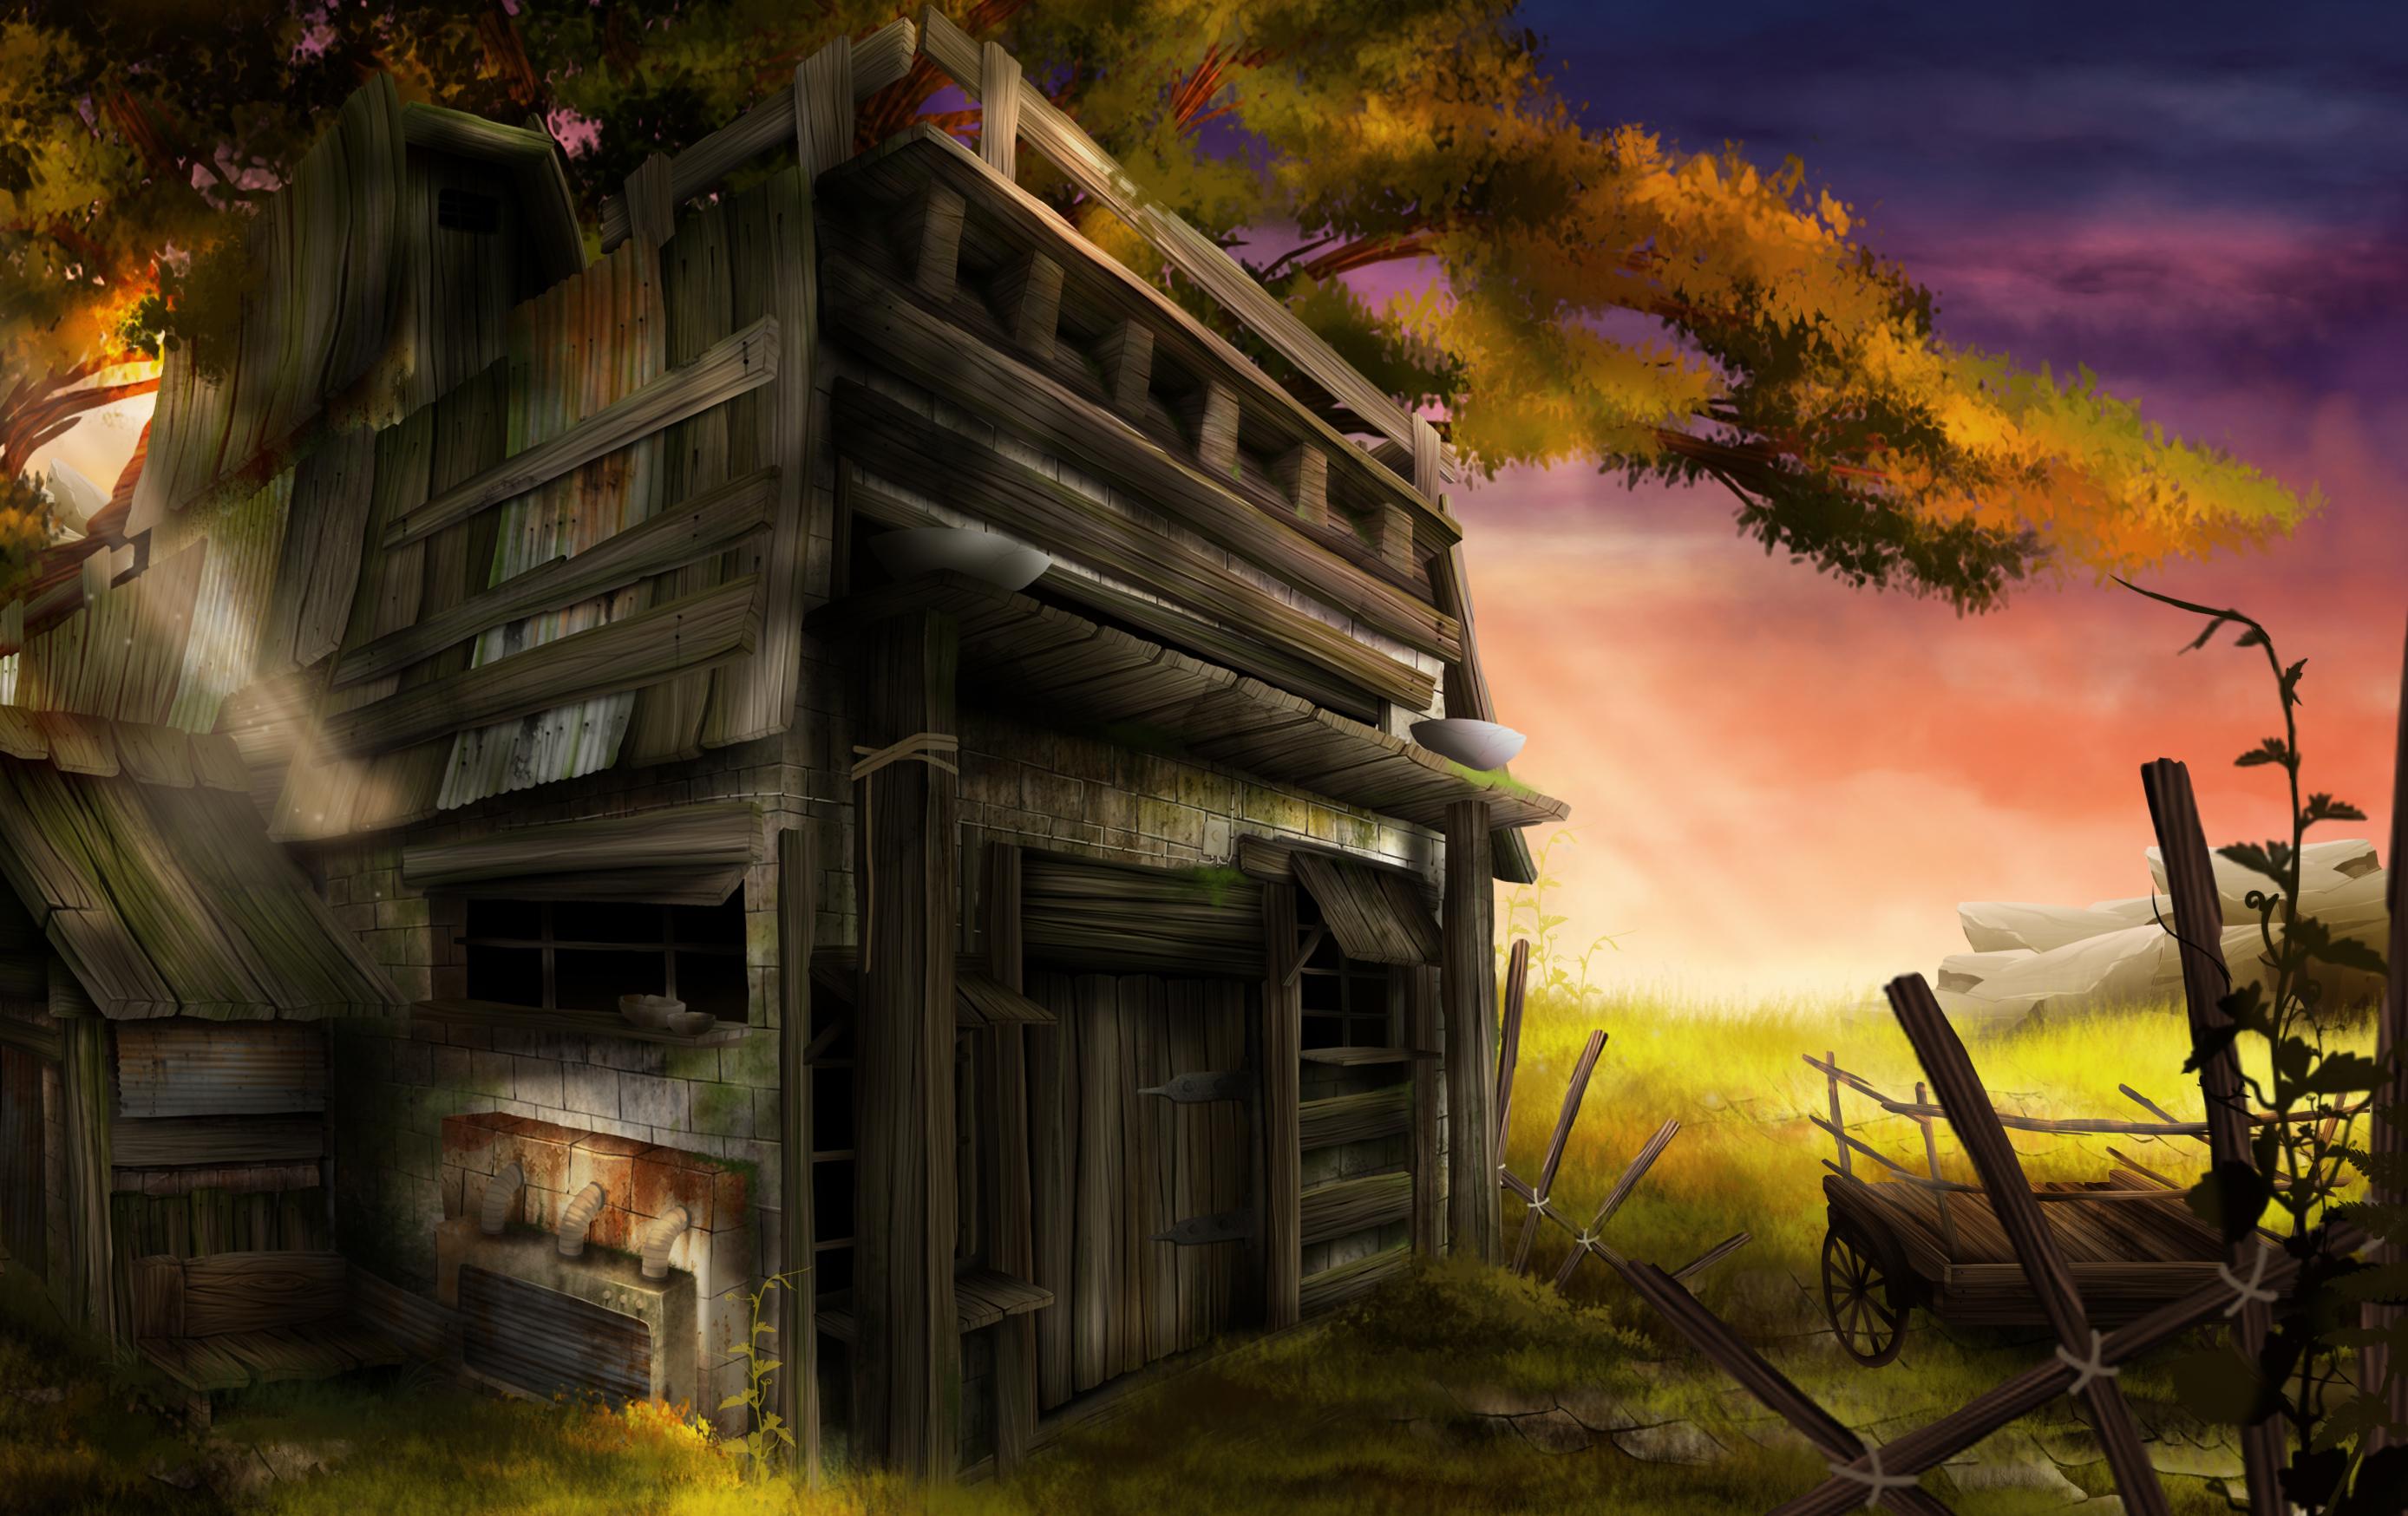 environment design, coucher de soleil, paysage de campagne avec une cabane et une charrue